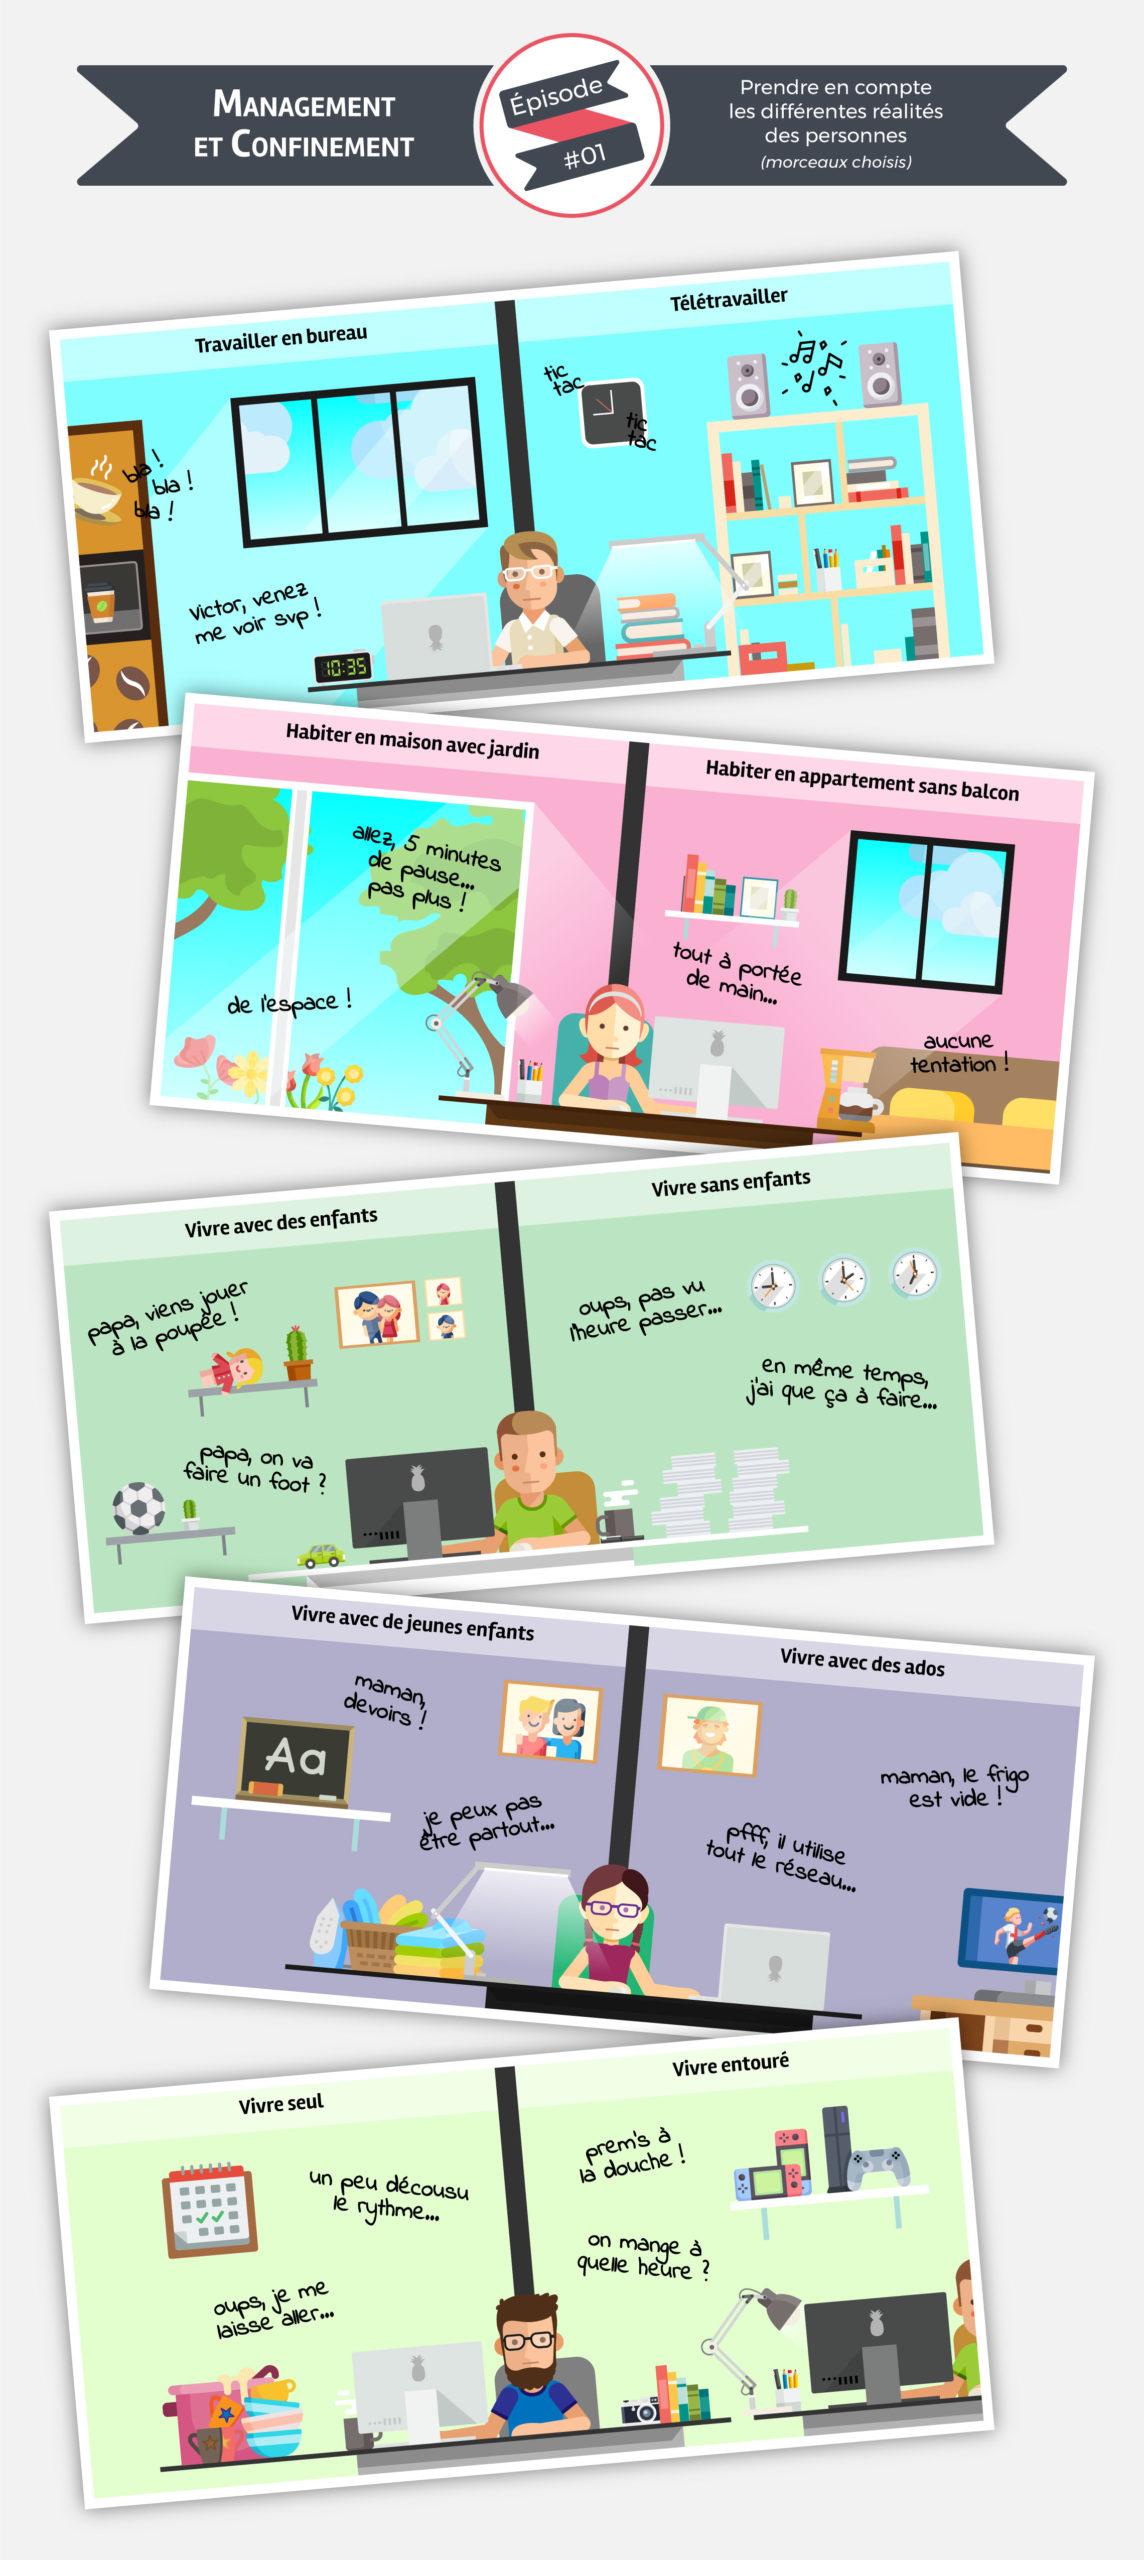 Catalyseur de transformation®   Notre actualité - Management & Télétravail : prendre en compte les différentes réalités des personnes - Infographie